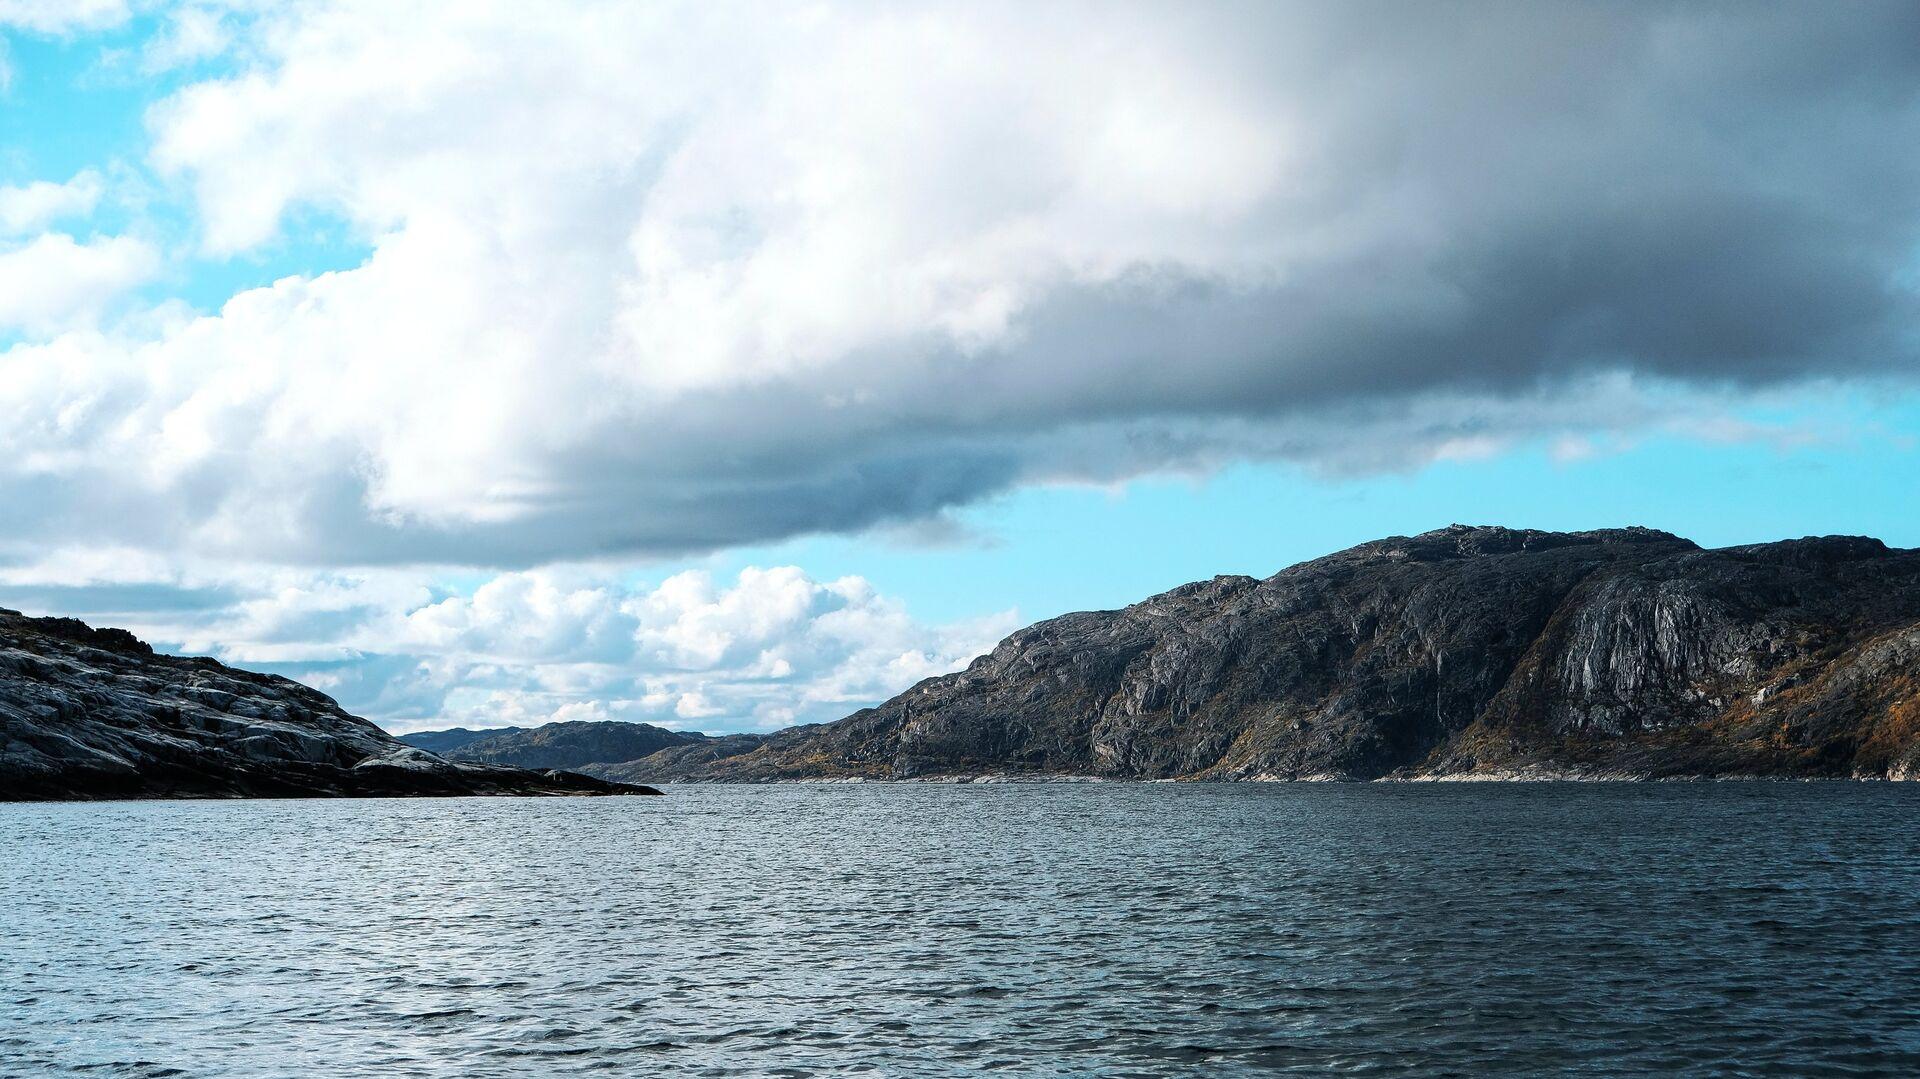 """Проект туркластера """"Порт Лиинахамари"""" стал резидентом Арктической зоны"""